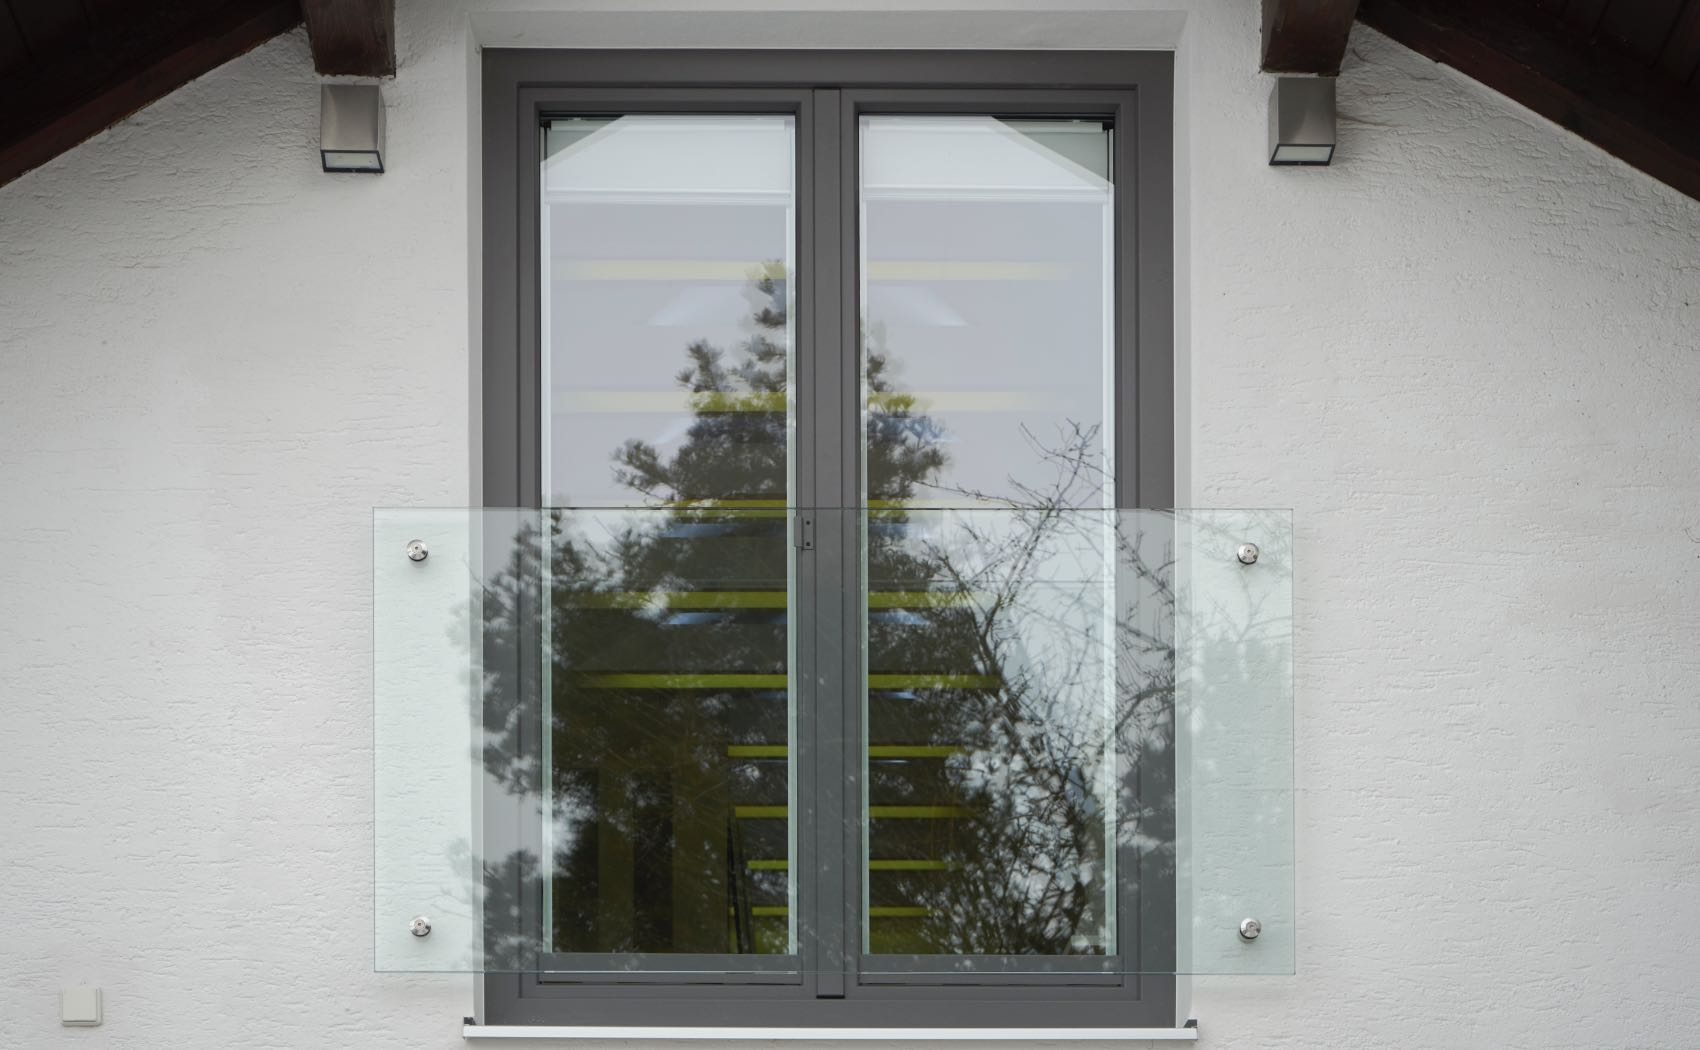 Fenster mit Absturzsicherung aus Glas